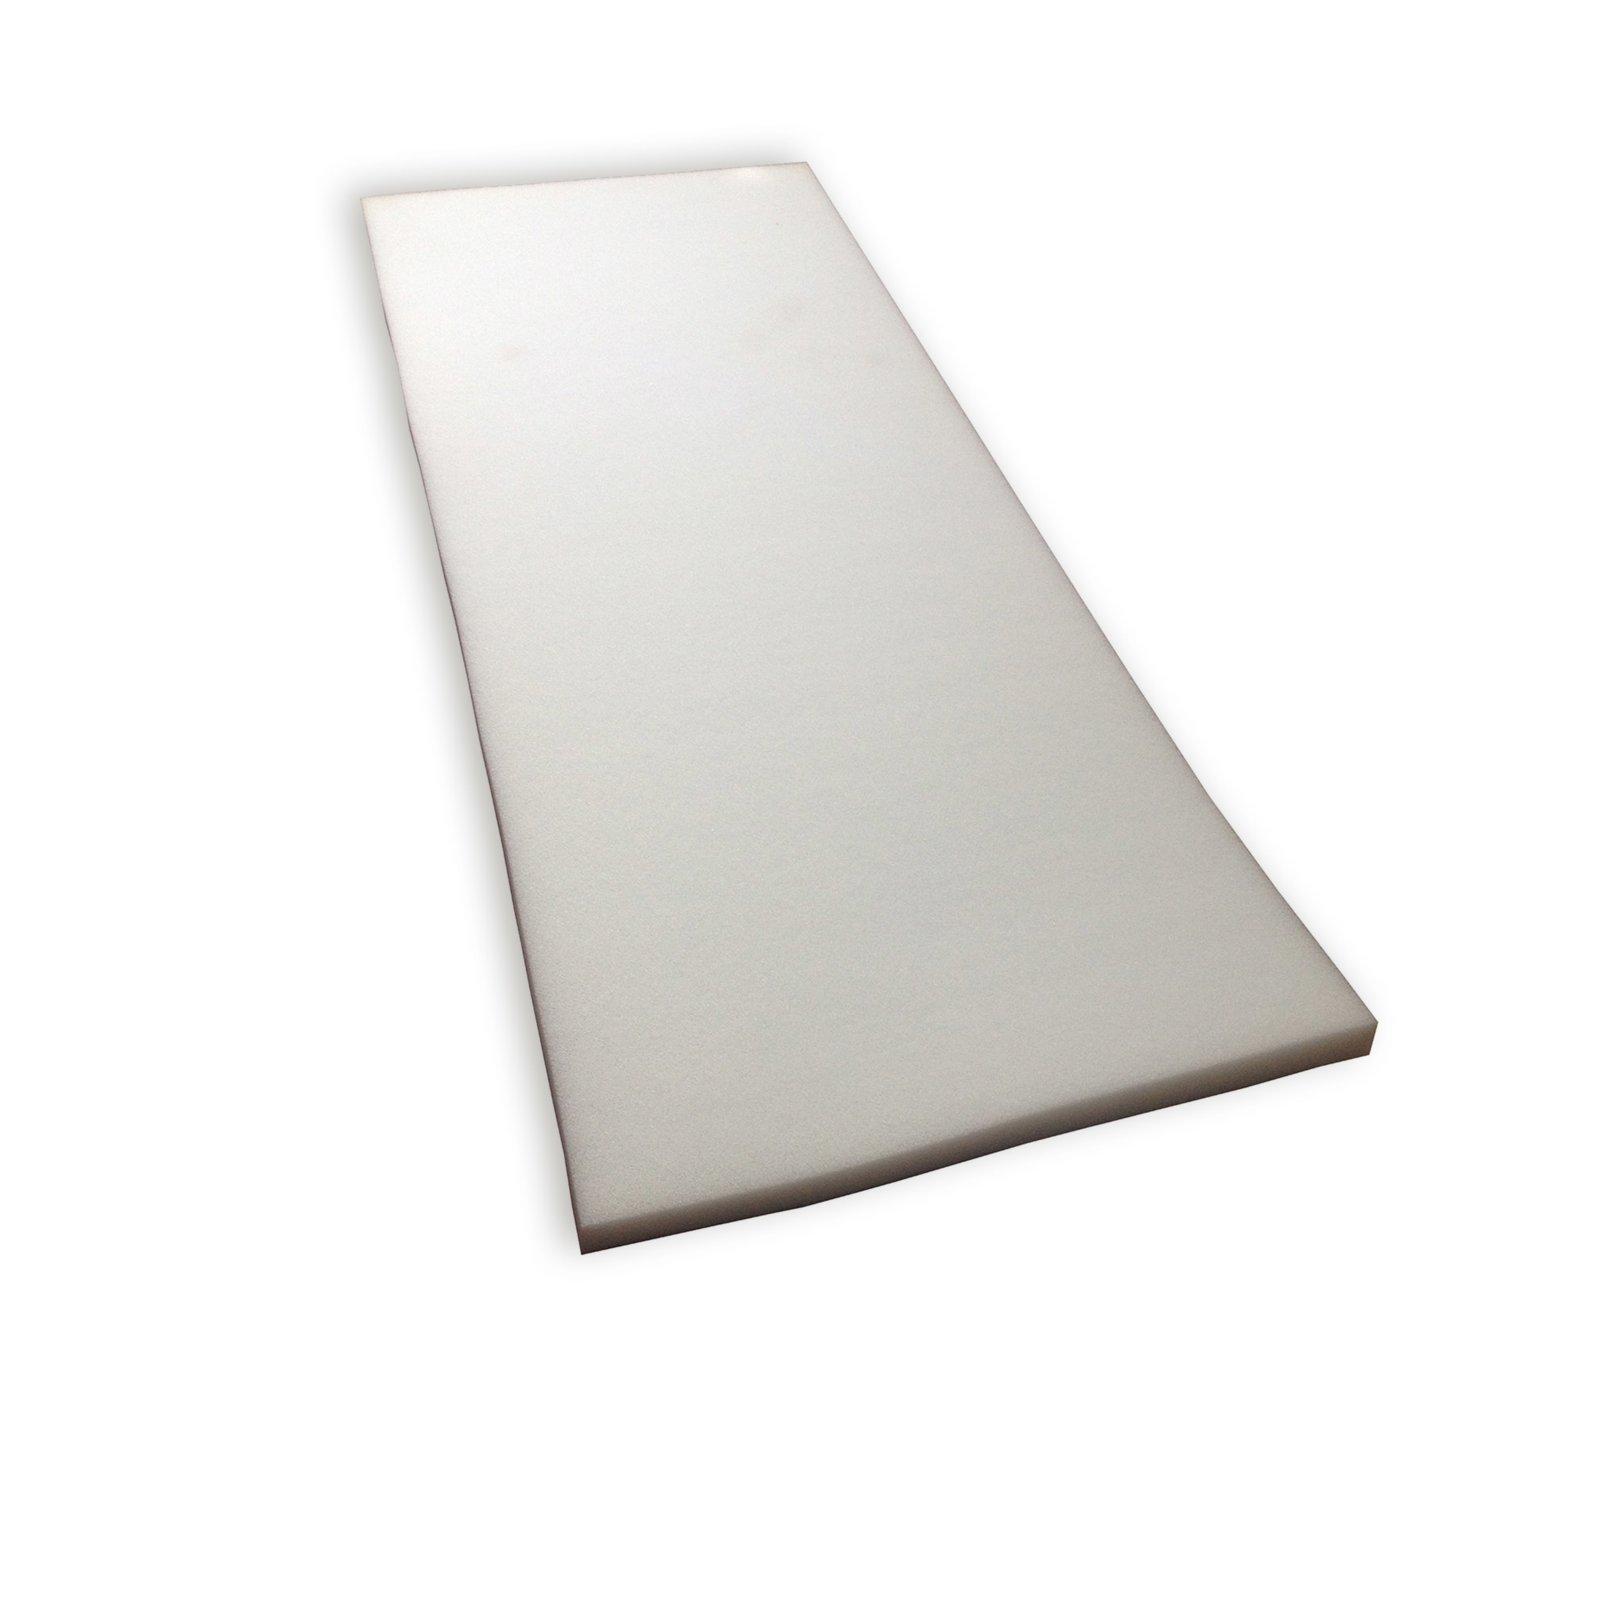 schaumstoff zuschnitt wei 40x100 cm stuhl sitzkissen kissen deko haushalt. Black Bedroom Furniture Sets. Home Design Ideas